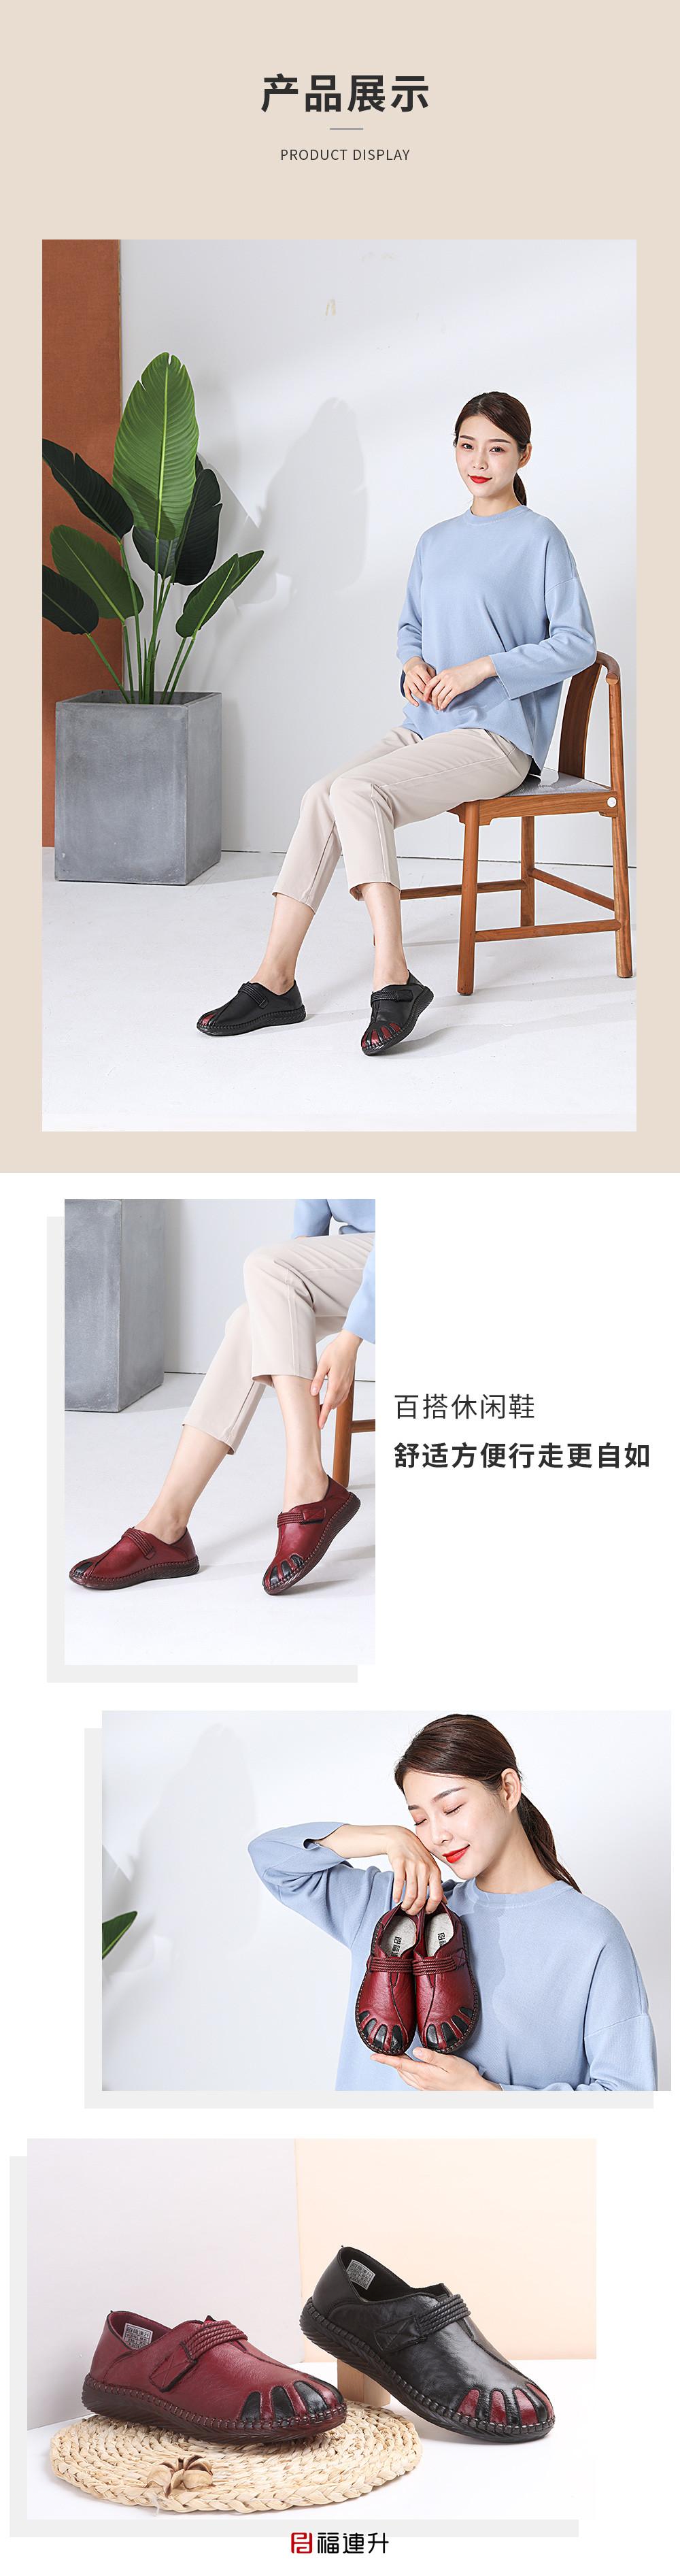 老北京布鞋中老年软底单鞋棉麻透气搭扣妈妈鞋平底舒适图片